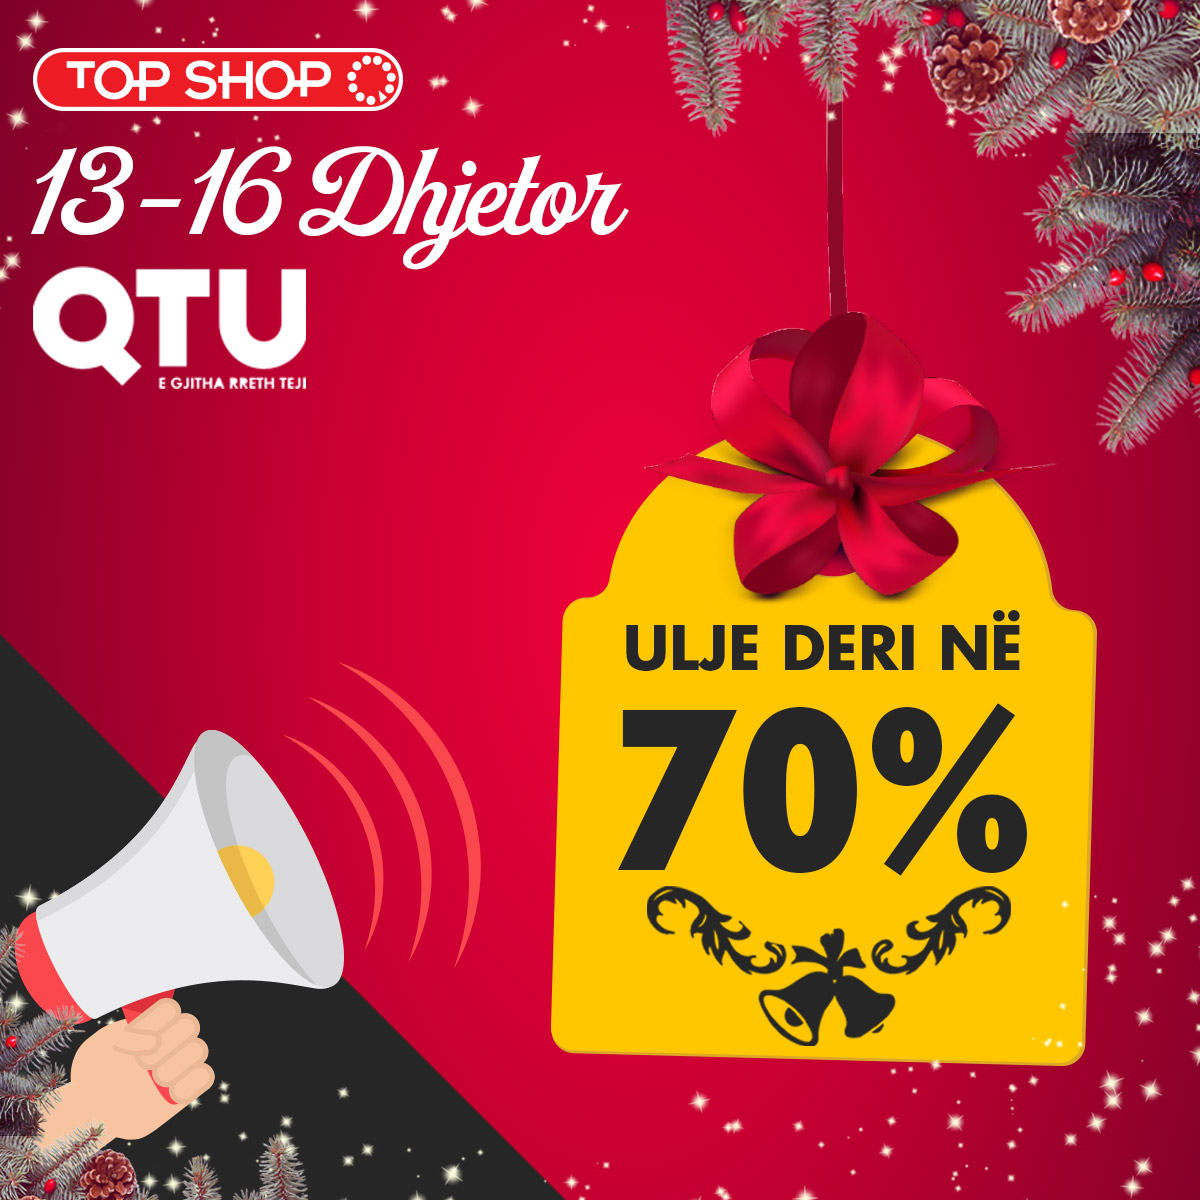 Top Shop QTU